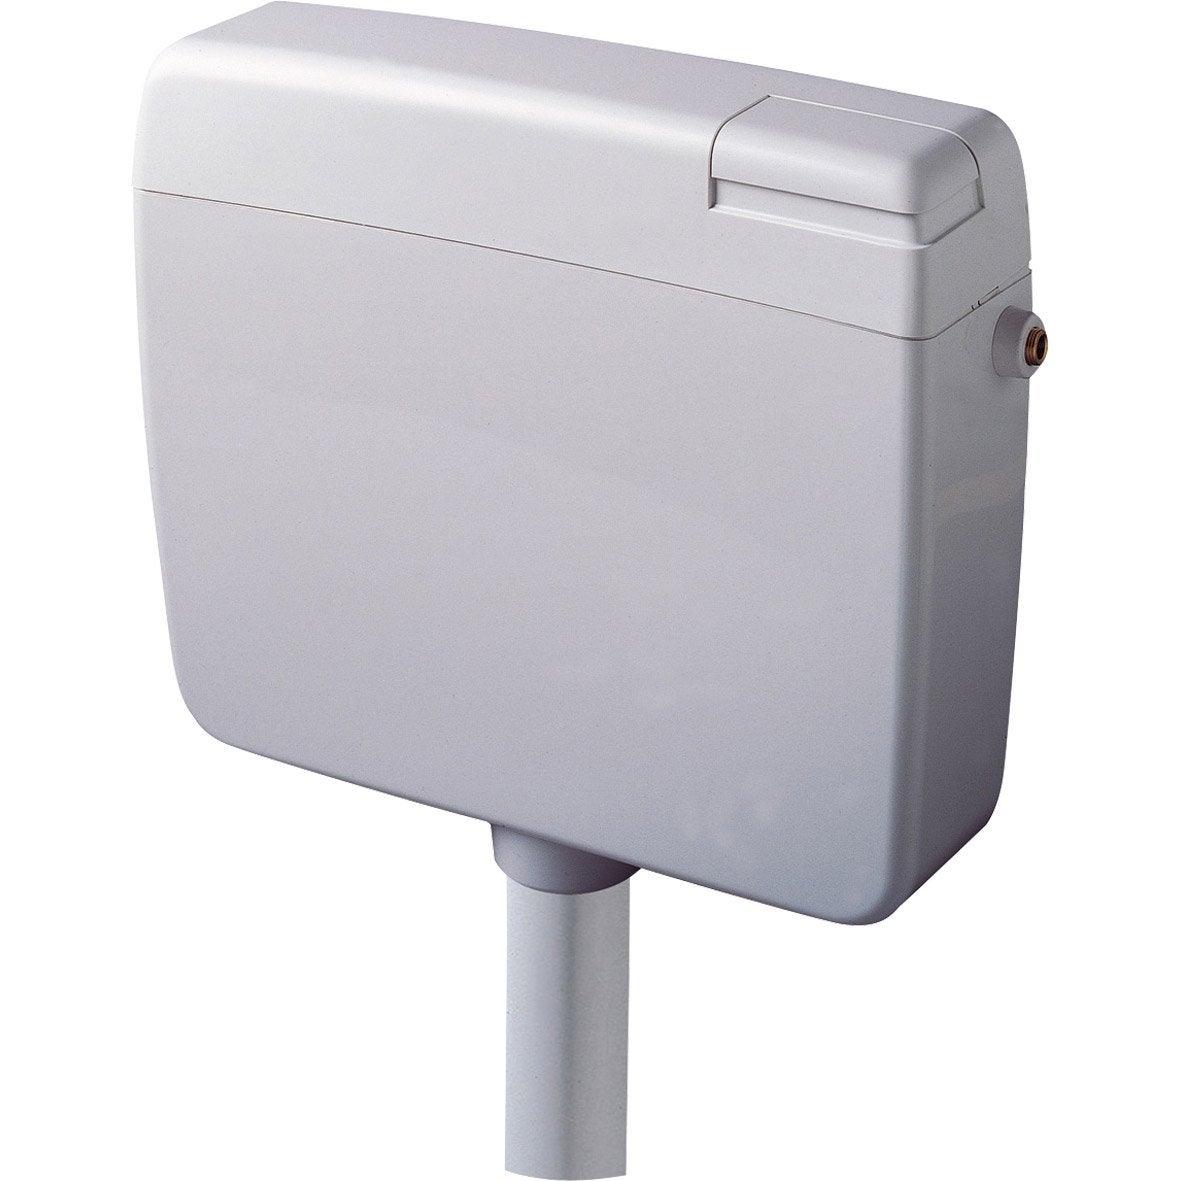 R servoir semi bas wc siamp extraplat leroy merlin - Systeme de chasse d eau pour wc ...